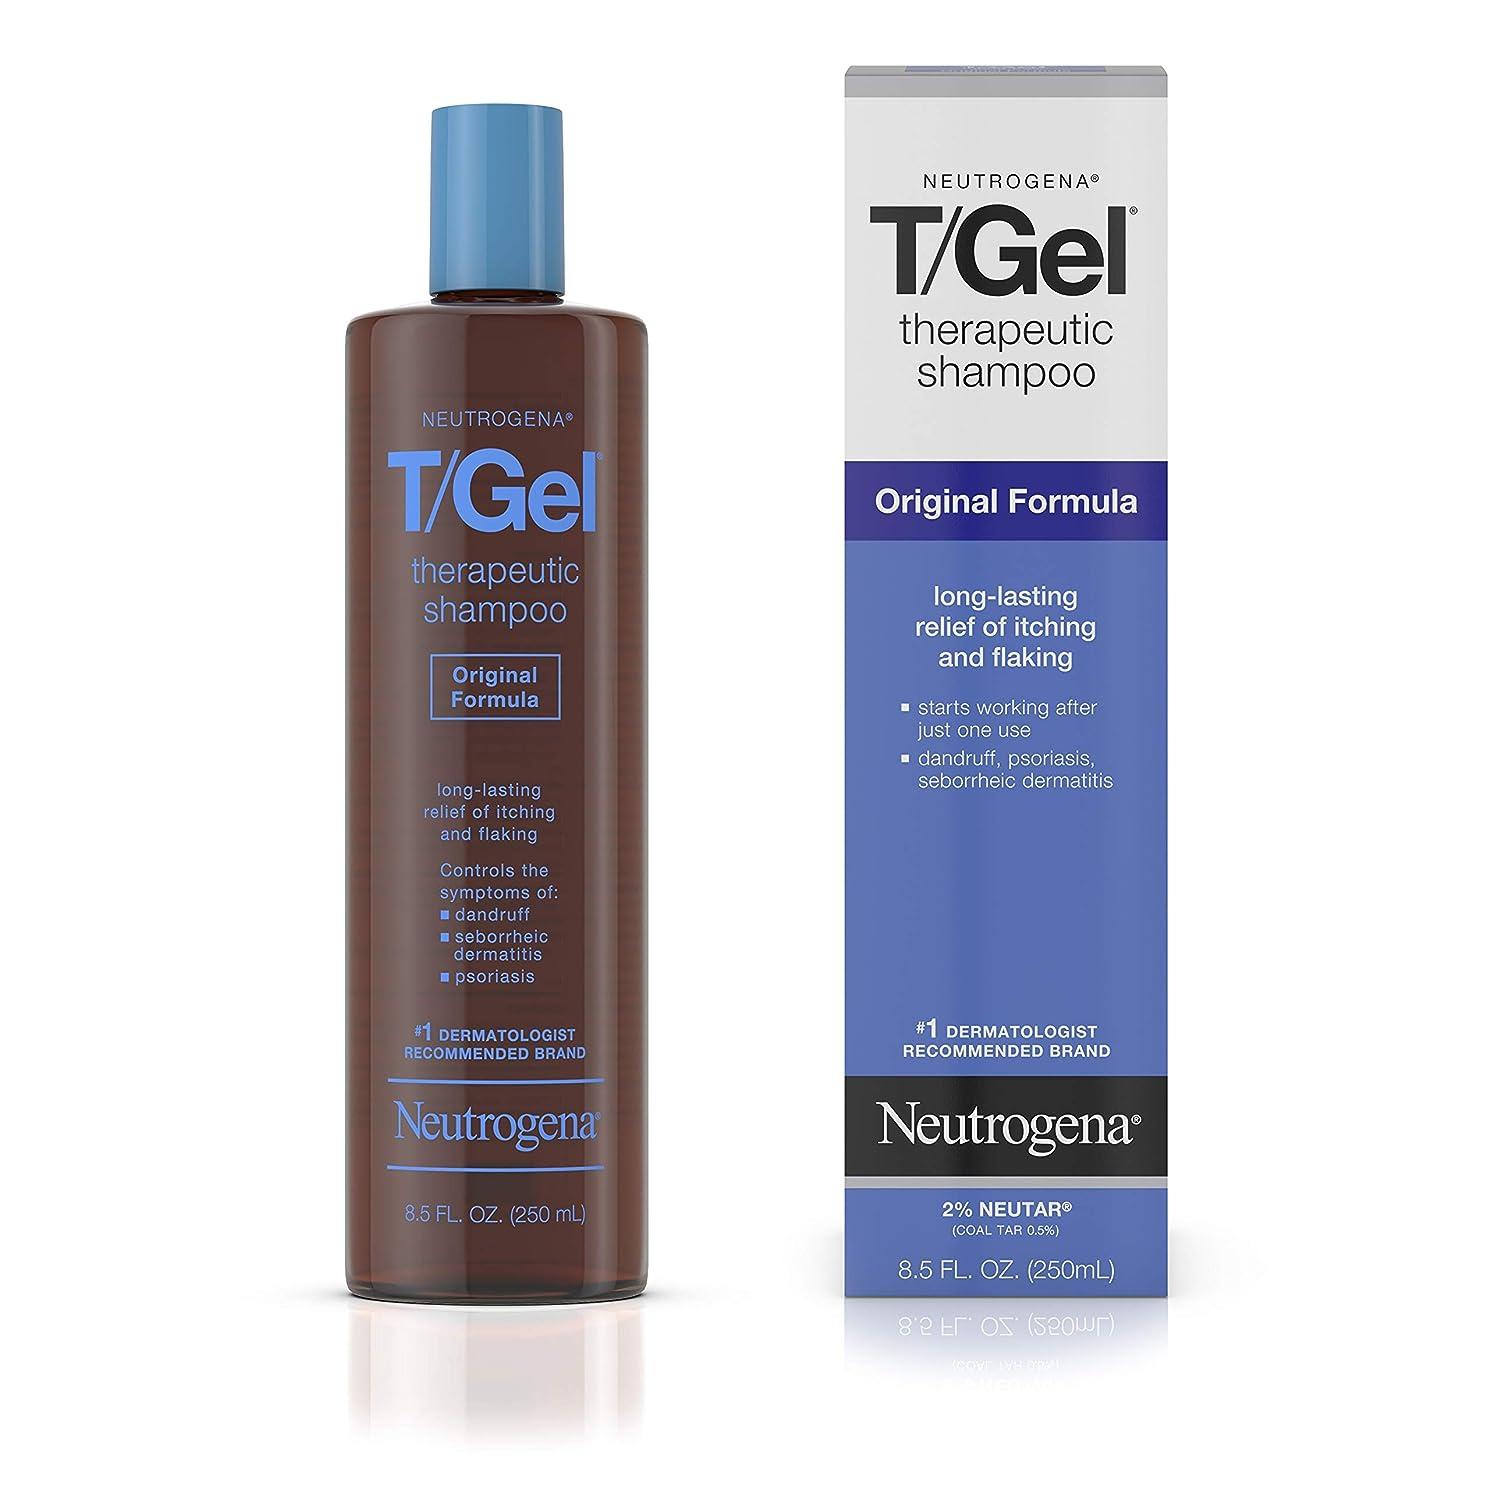 方向ペネロペ思春期Neutrogena T/Gel Shampoo Original 250 ml (並行輸入品)